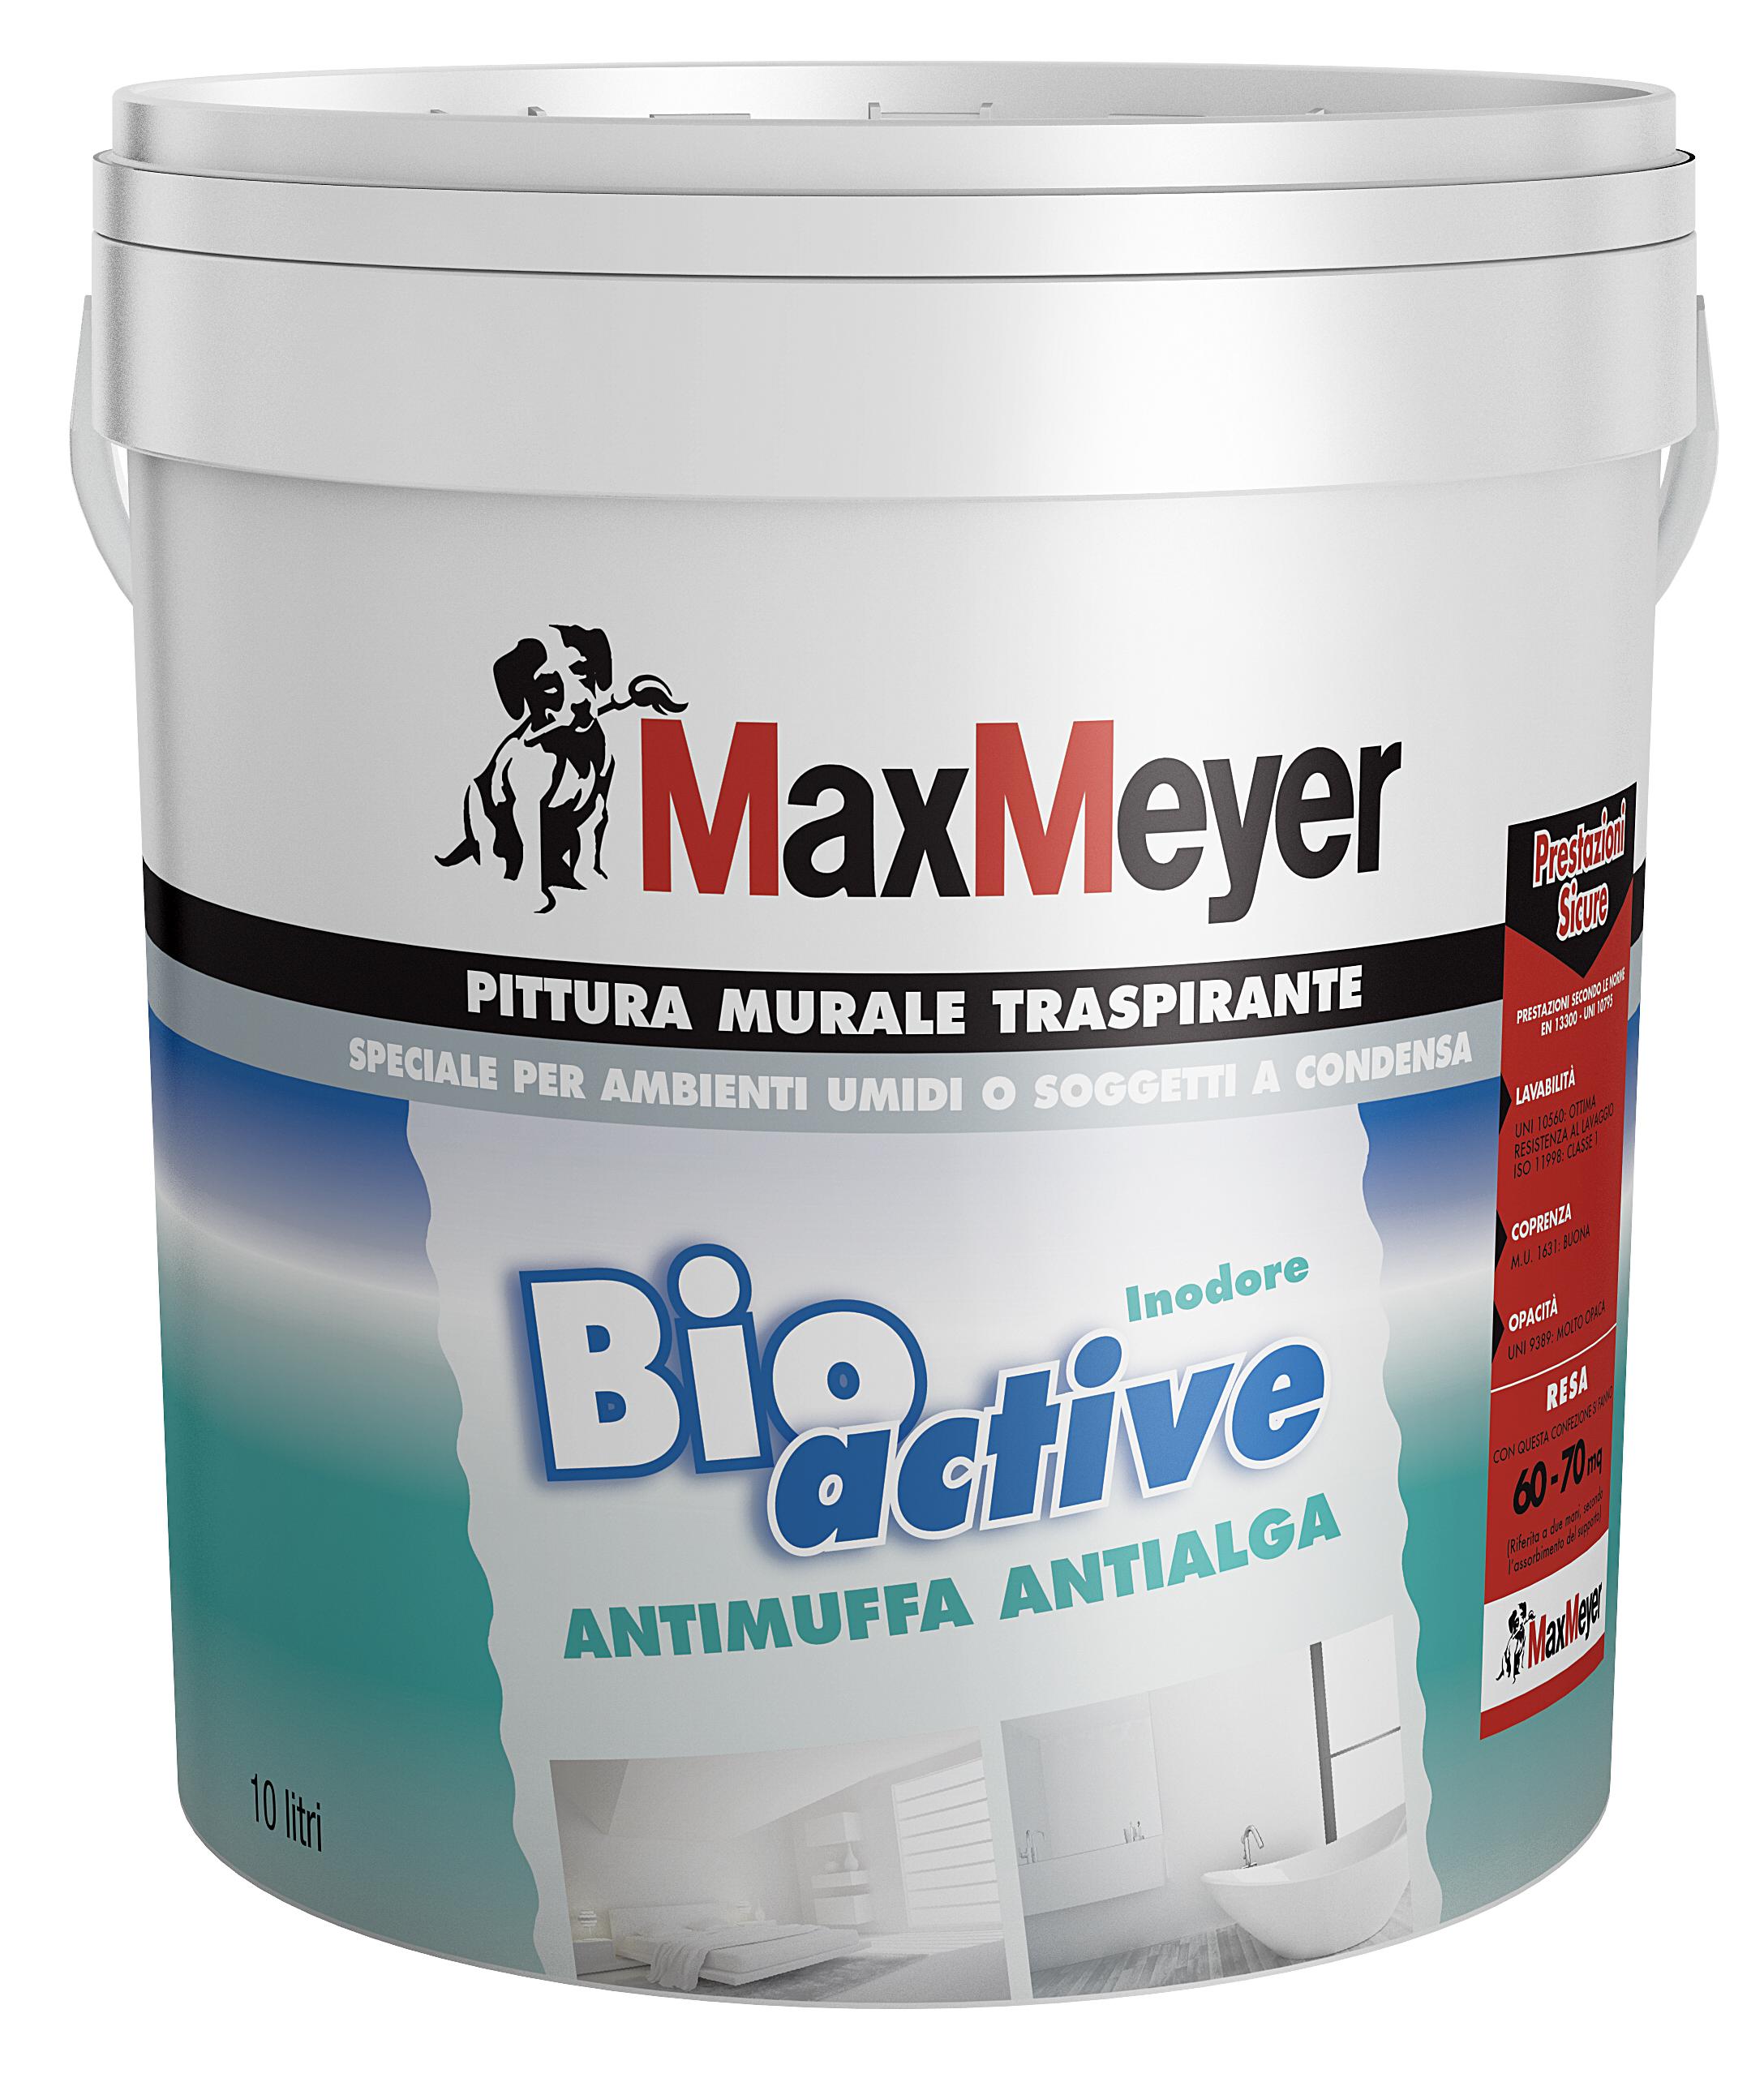 Bioactive pittura murale traspirante antimuffa max meyer - Pittura idrorepellente per esterni trasparente ...